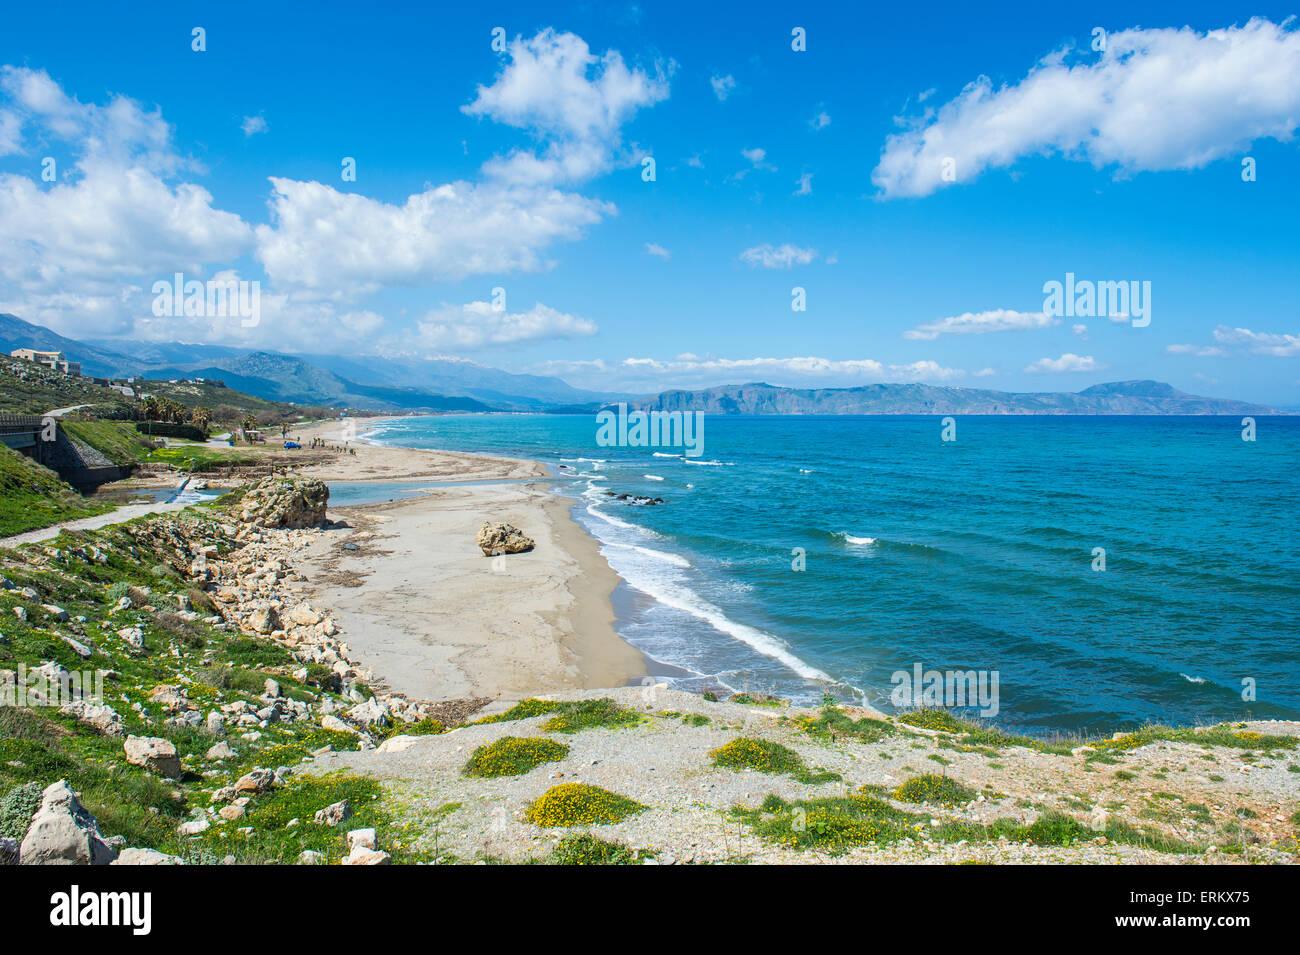 Longue plage de sable de Petres, Crète, îles grecques, Grèce, Europe Photo Stock